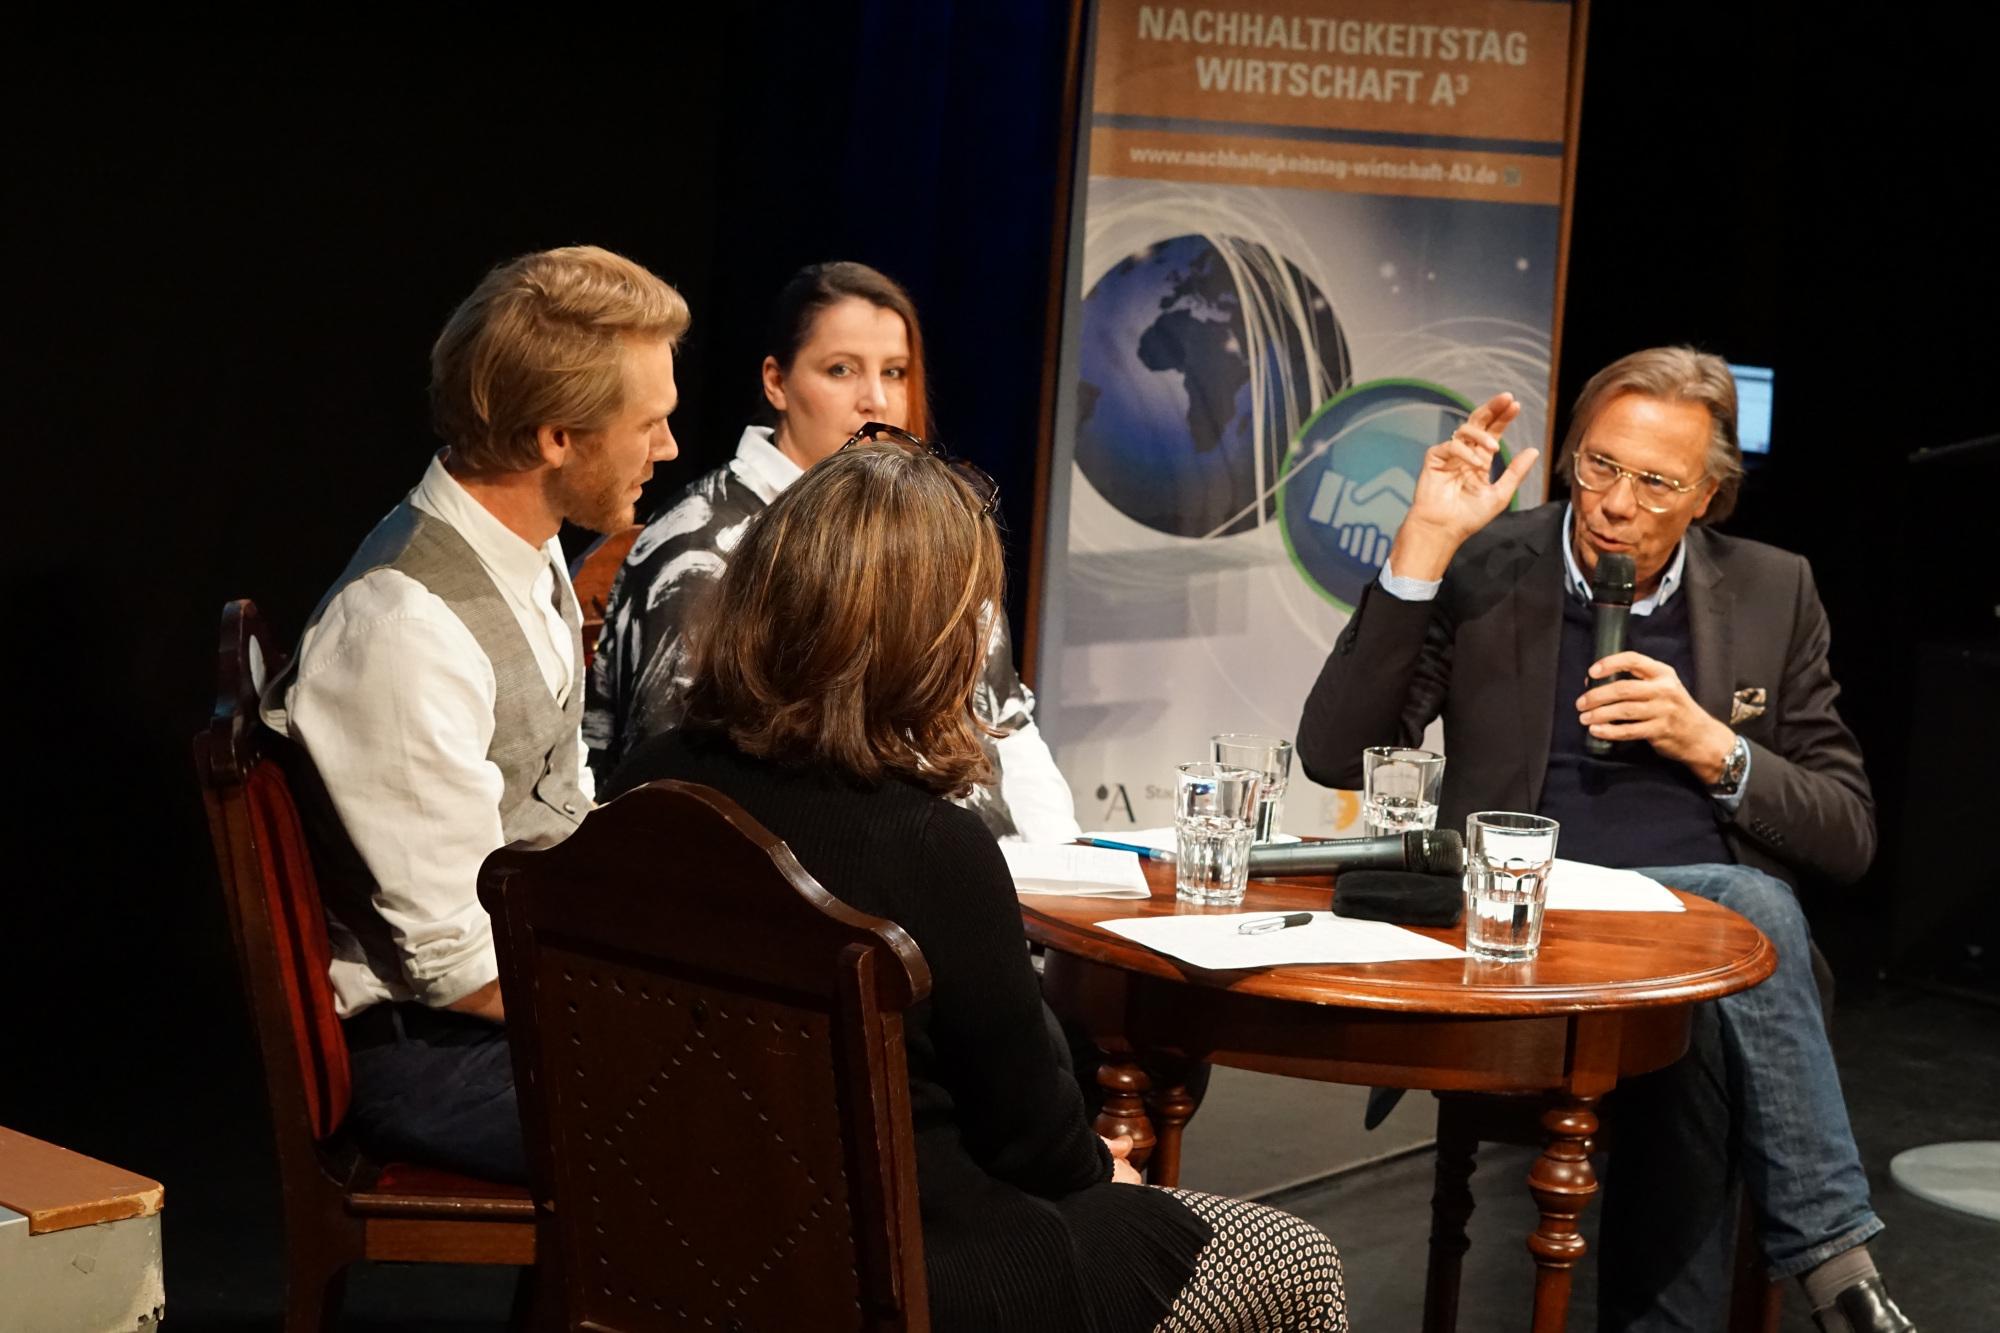 Podiumsdiskussion mit Prof. Dr. Harald Welzer auf dem 2. Nachhaltigkeitstag Wirtschaft A³.